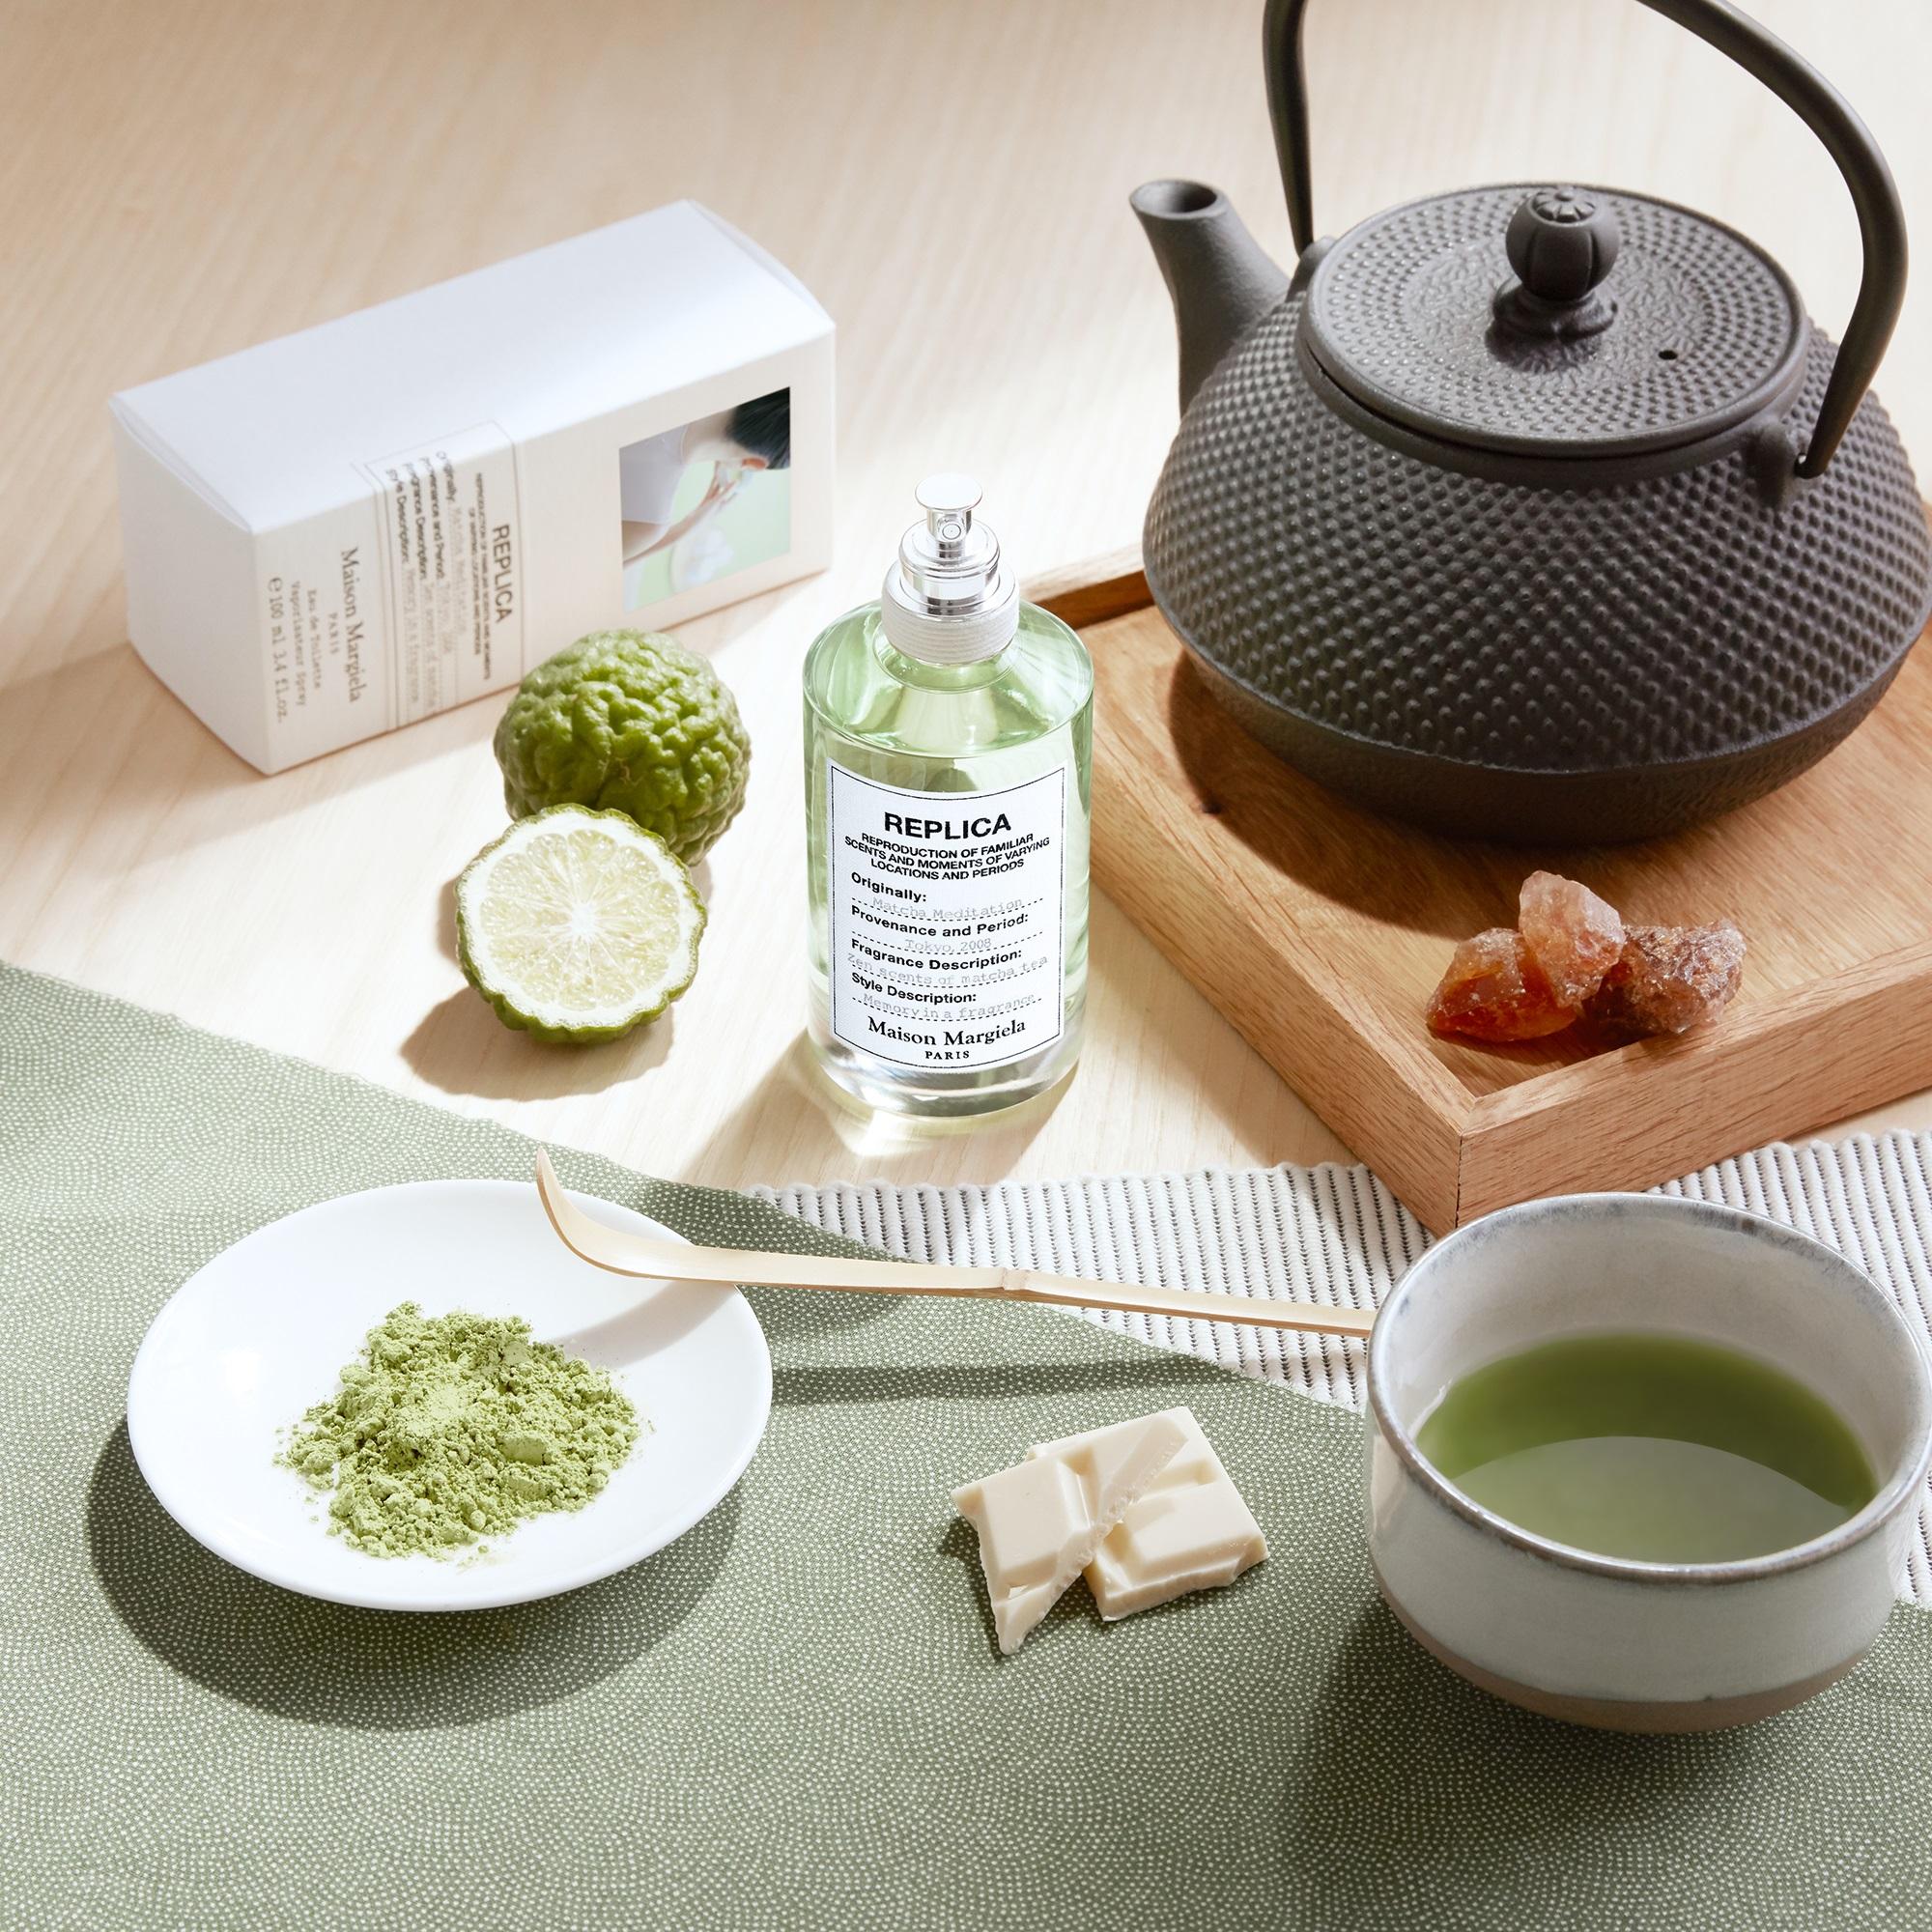 عطر شاي الماتشا في جلسة عطرية هادئة Matcha Meditation Maison Martin Margiela